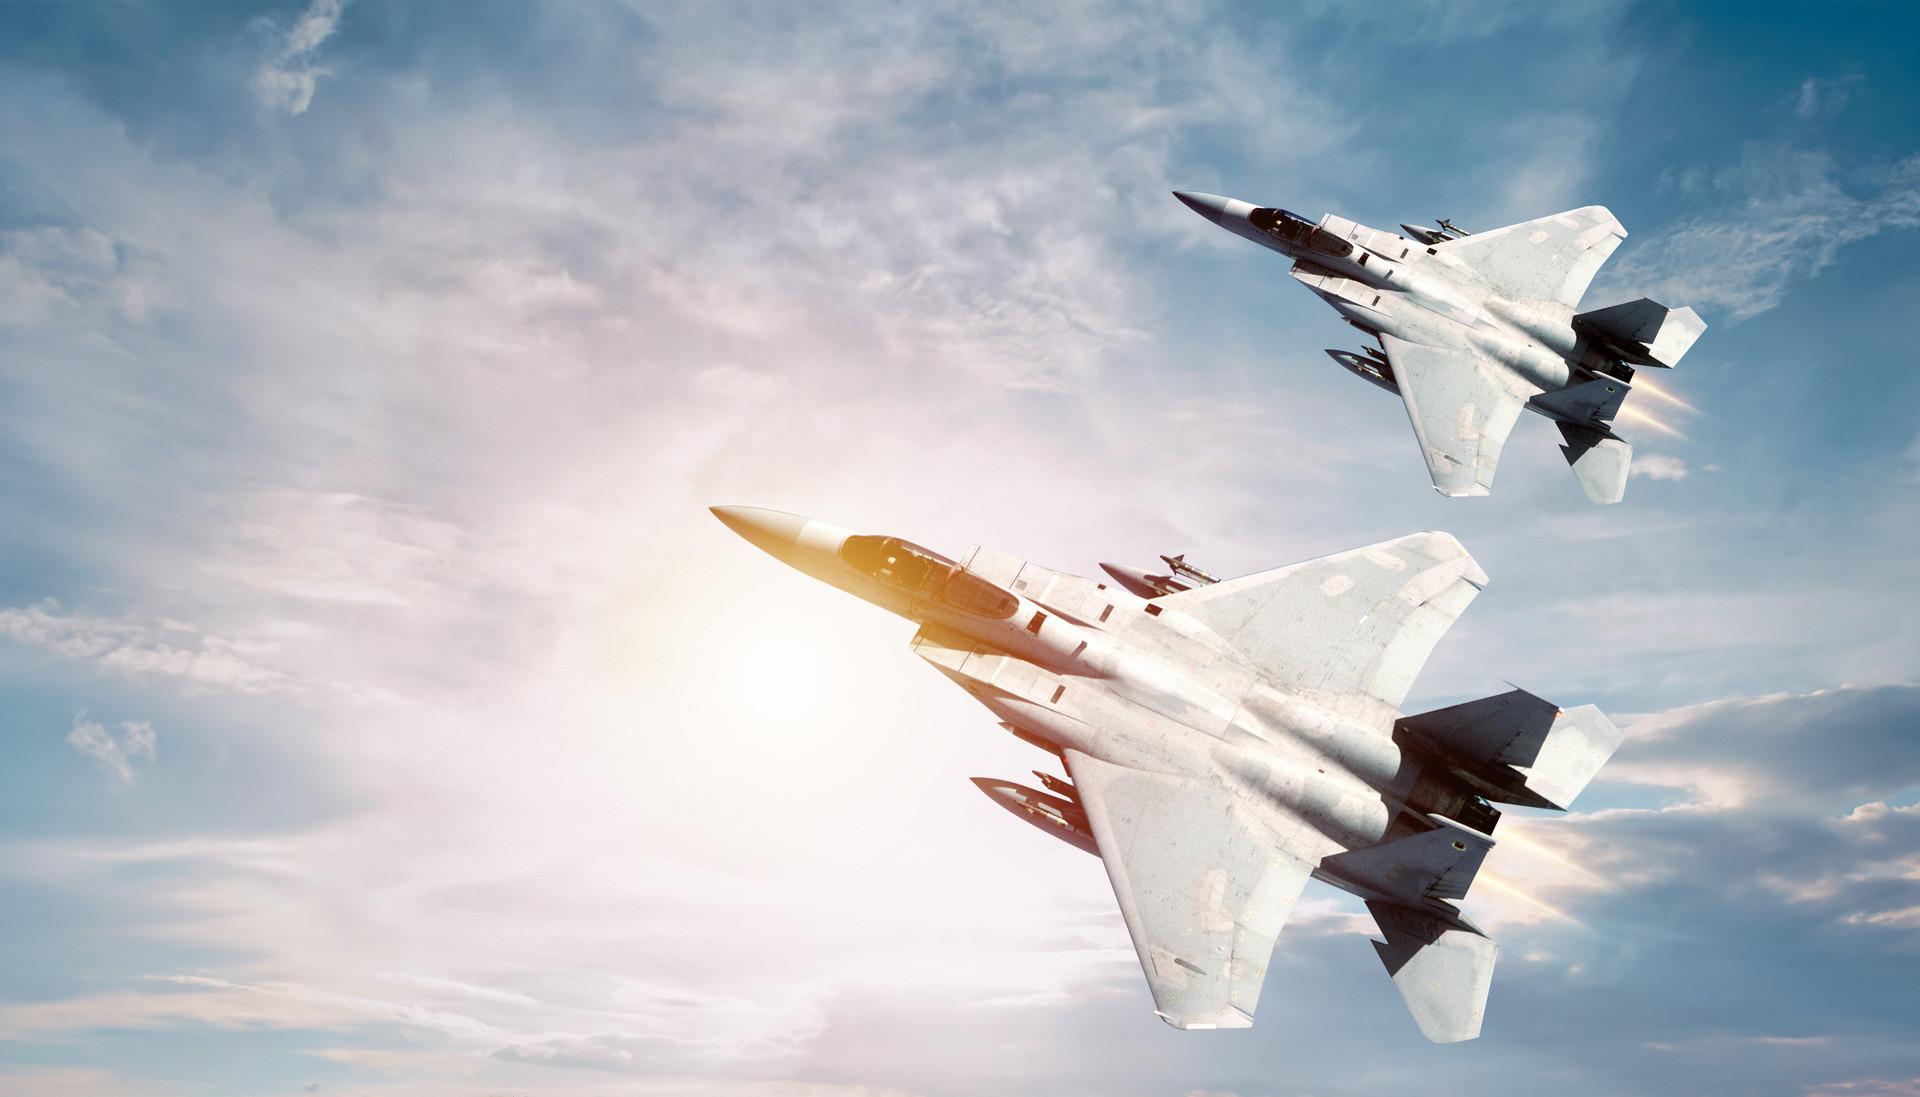 美国国务院批准向波兰出售32架F-35战机